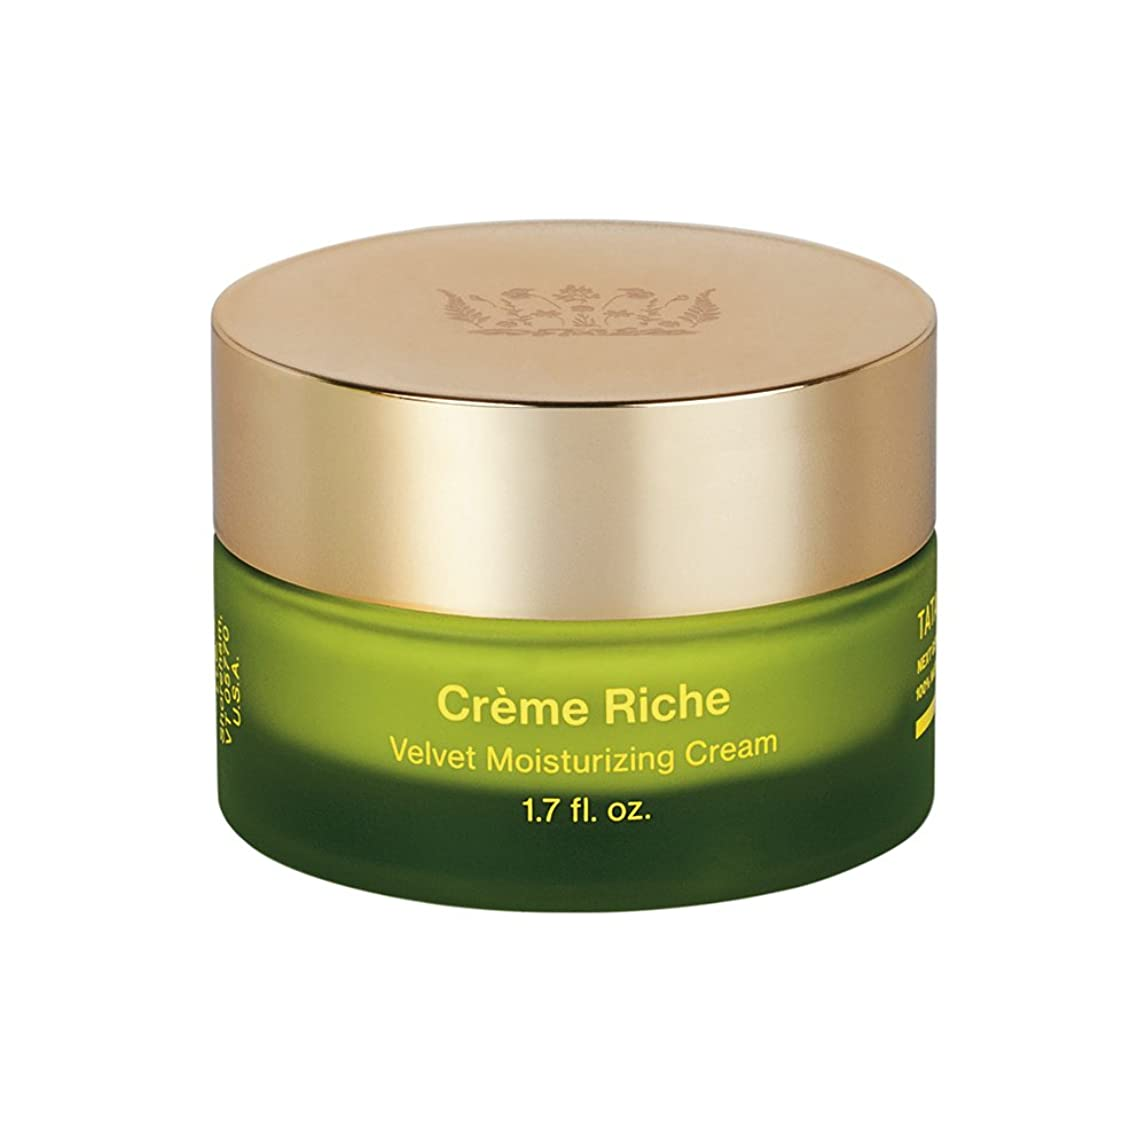 アクチュエータ昇進音楽を聴くTata Harper Creme Riche Velvet Moisturizing Cream 1.7oz